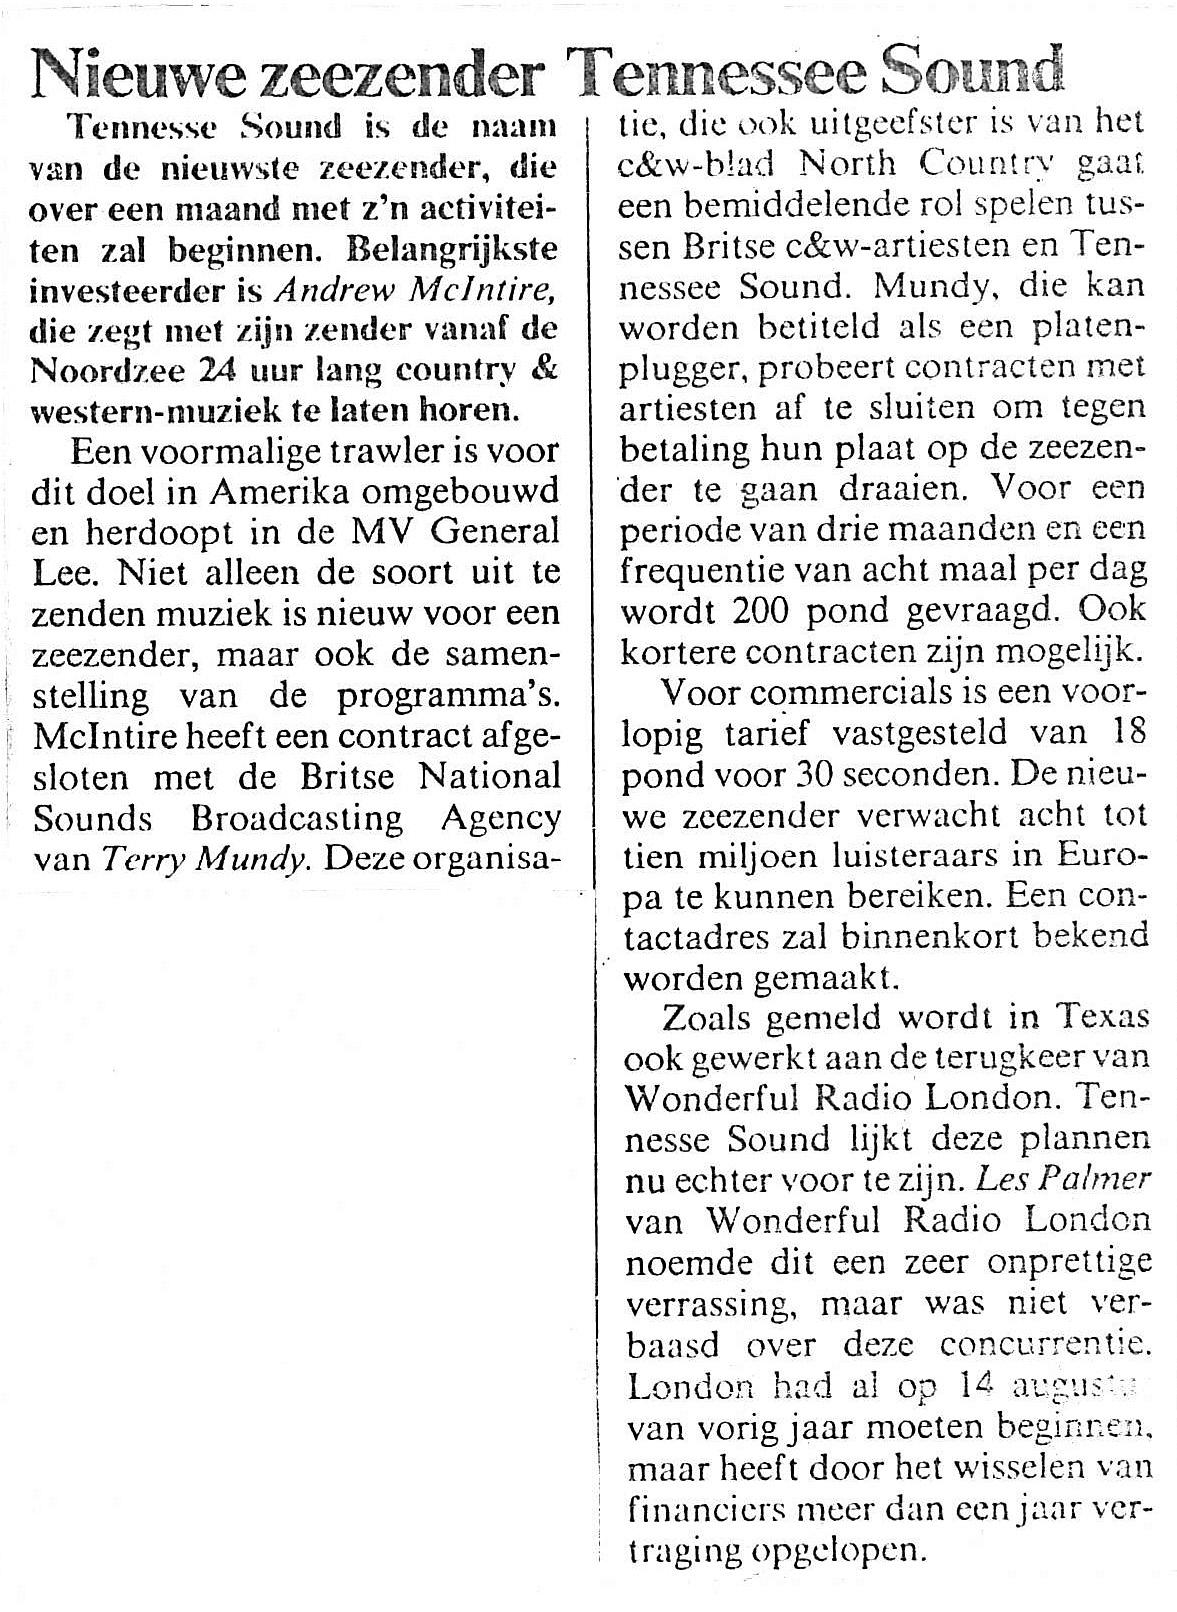 19850613 Adformatie Nieuwe zeezender Tennesse Sound.jpg